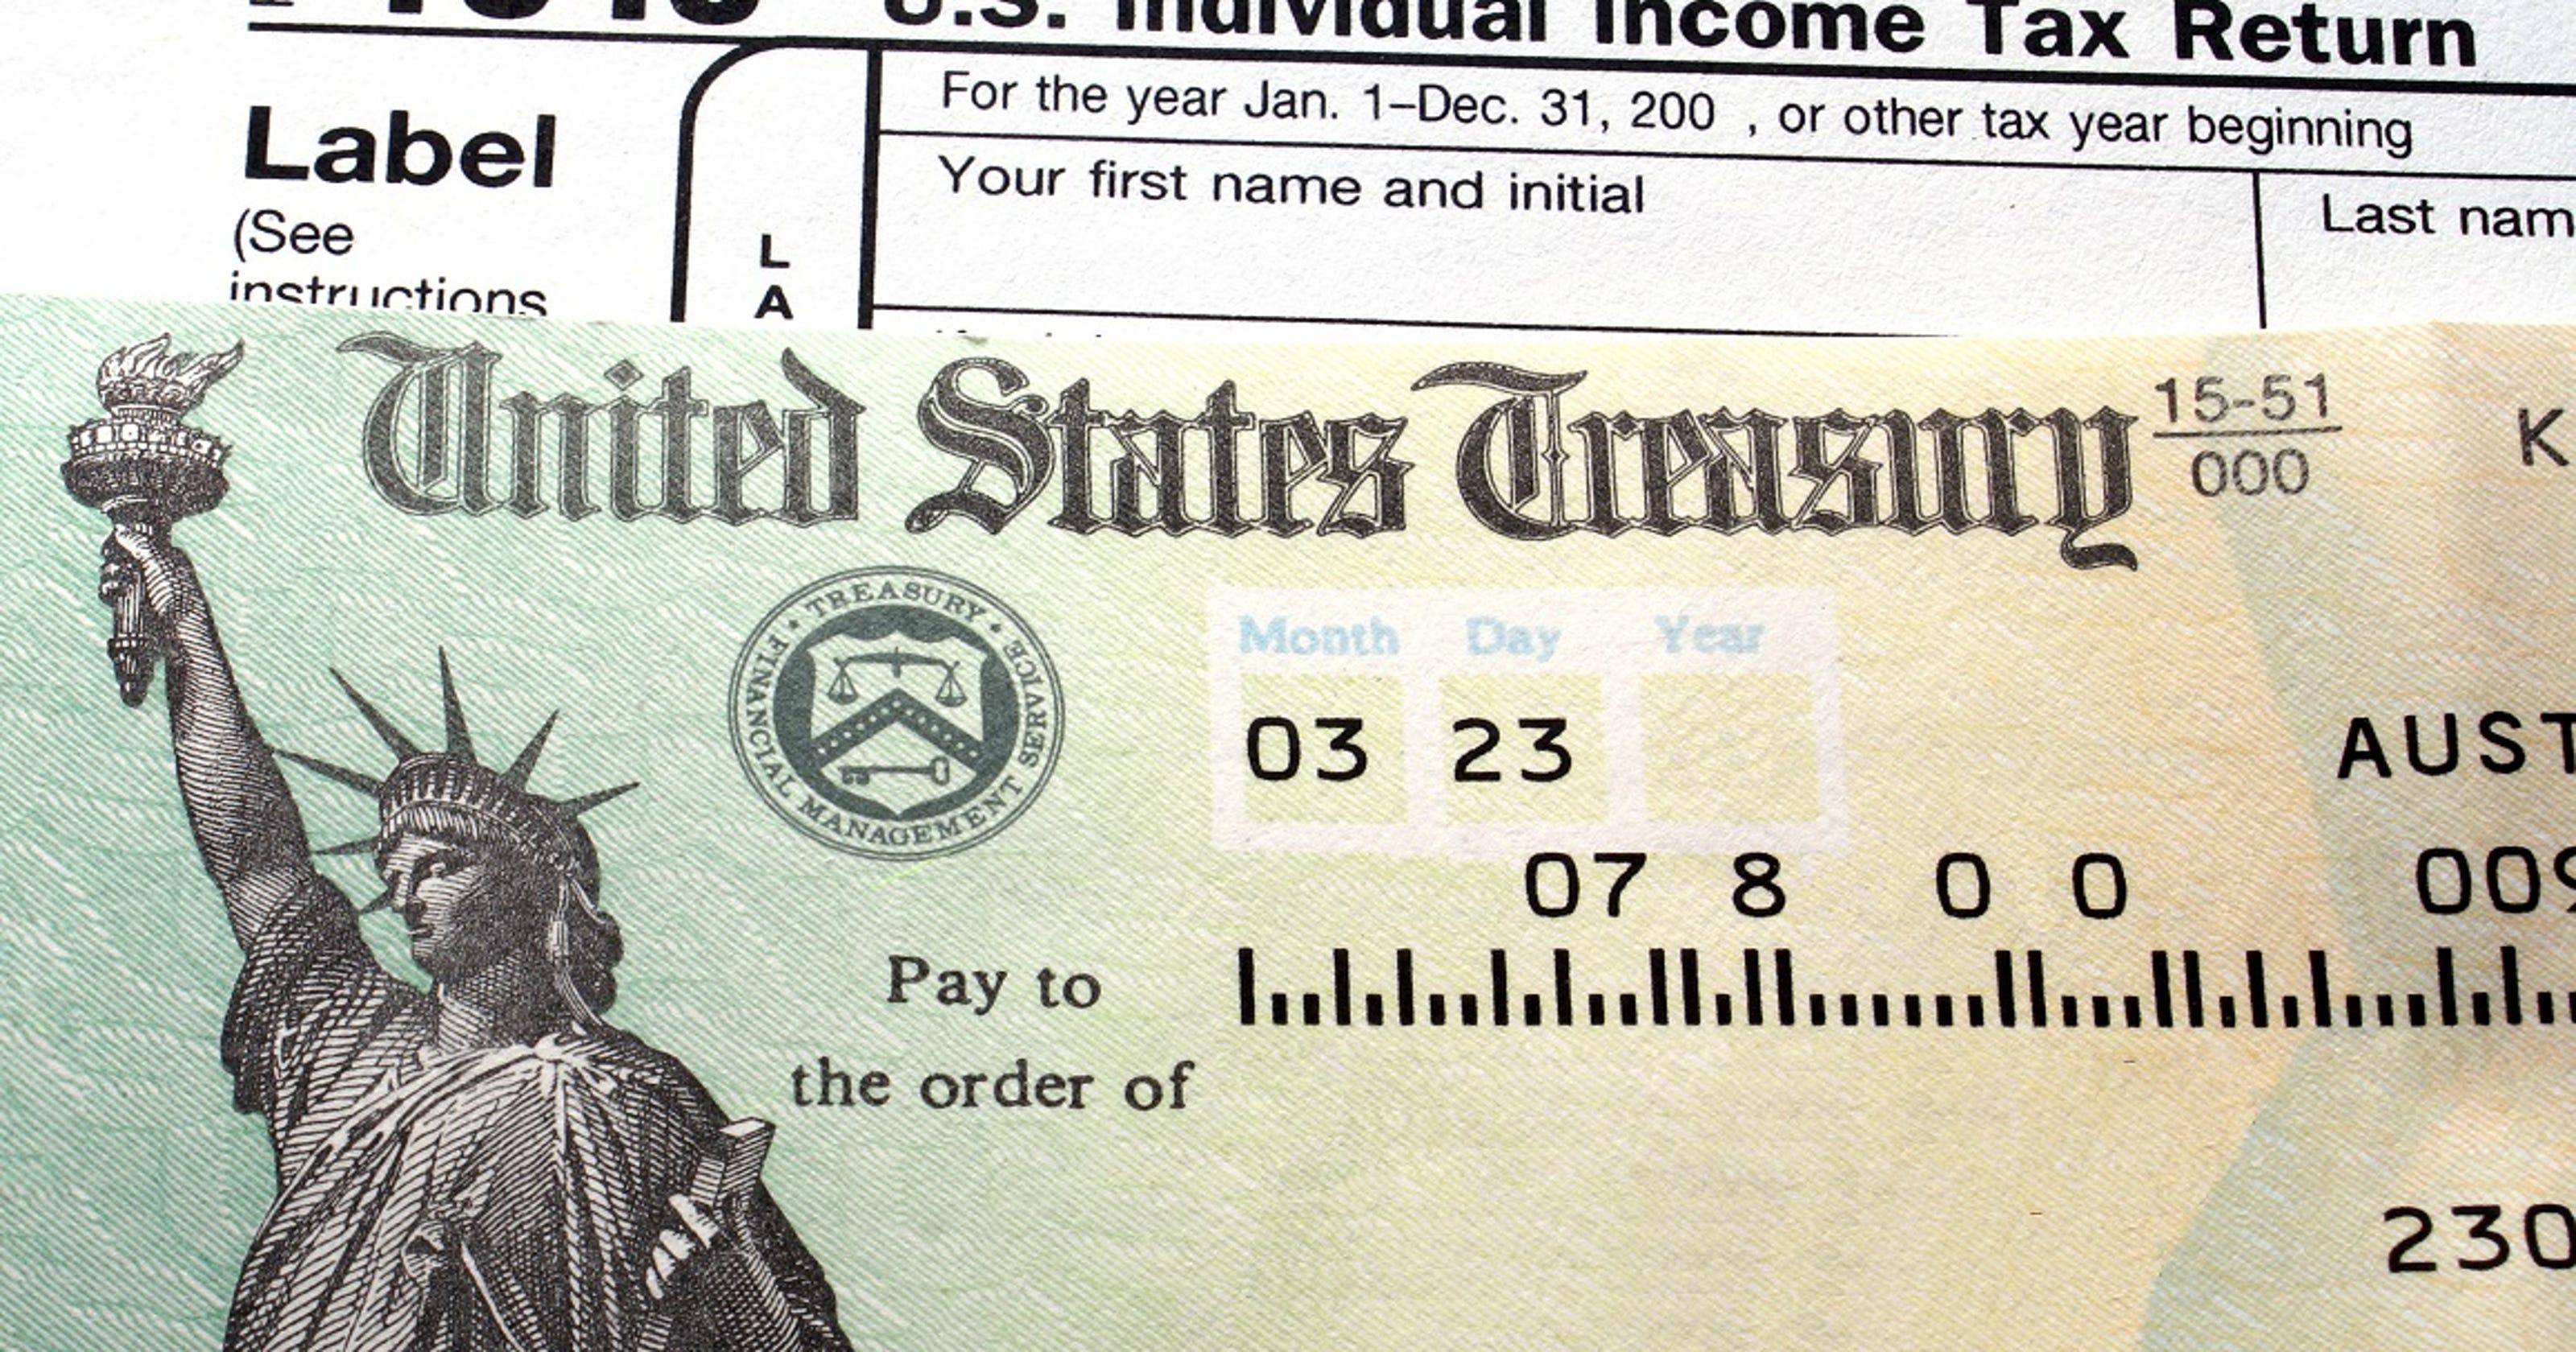 Tax refund 2019: Unexpected IRS bills burden some ...